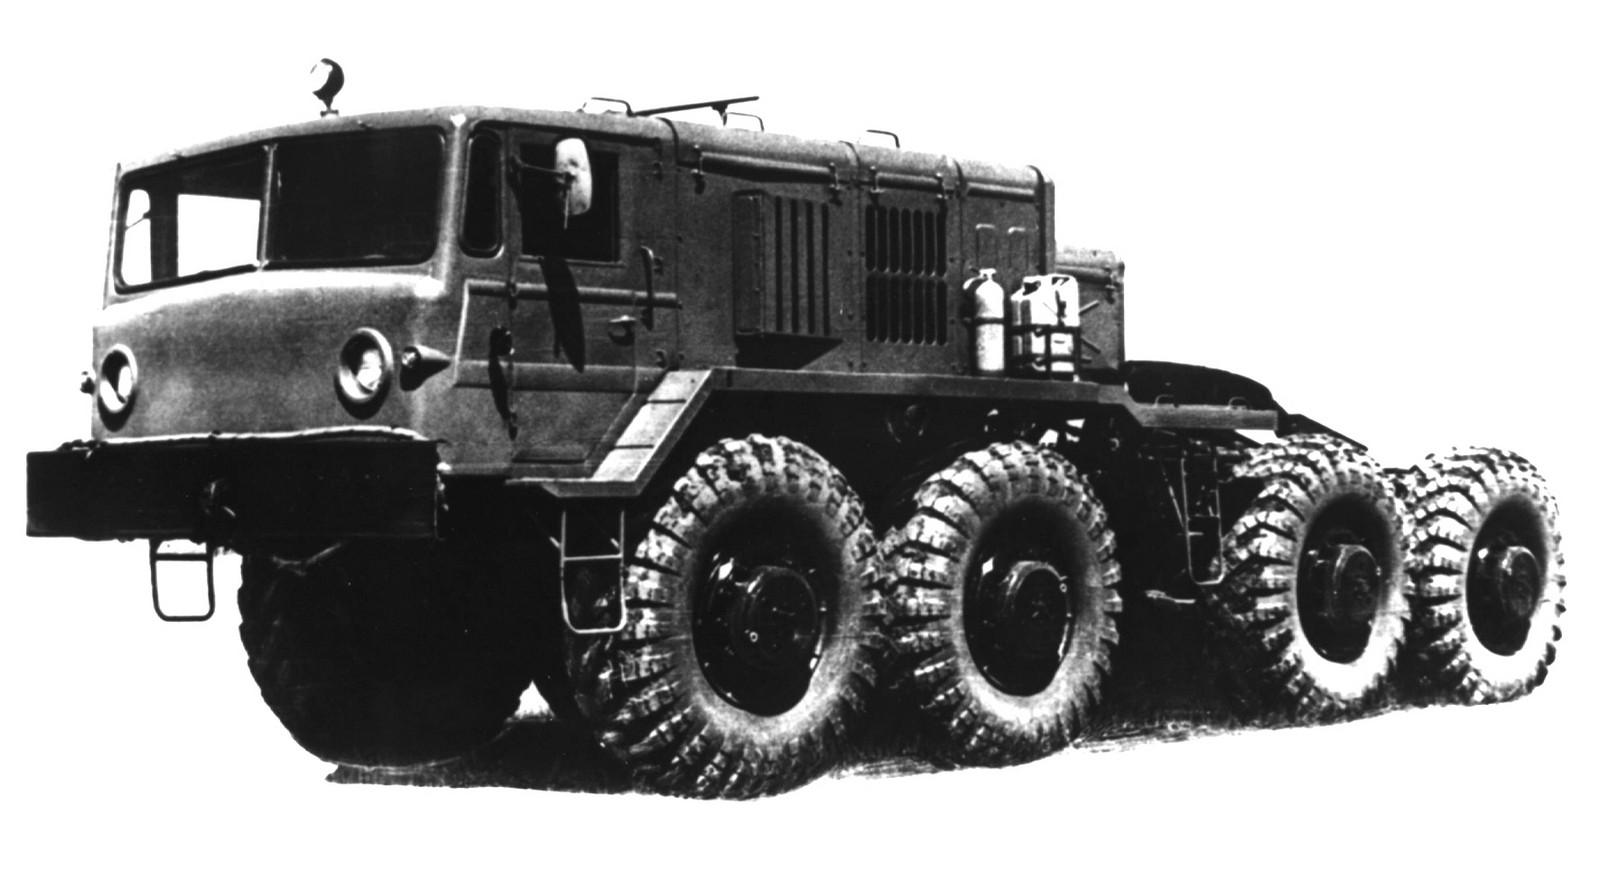 МАЗ-537Г третьего поколения с воздухозаборными коробами. 1979 год (из архива НИИЦ АТ)